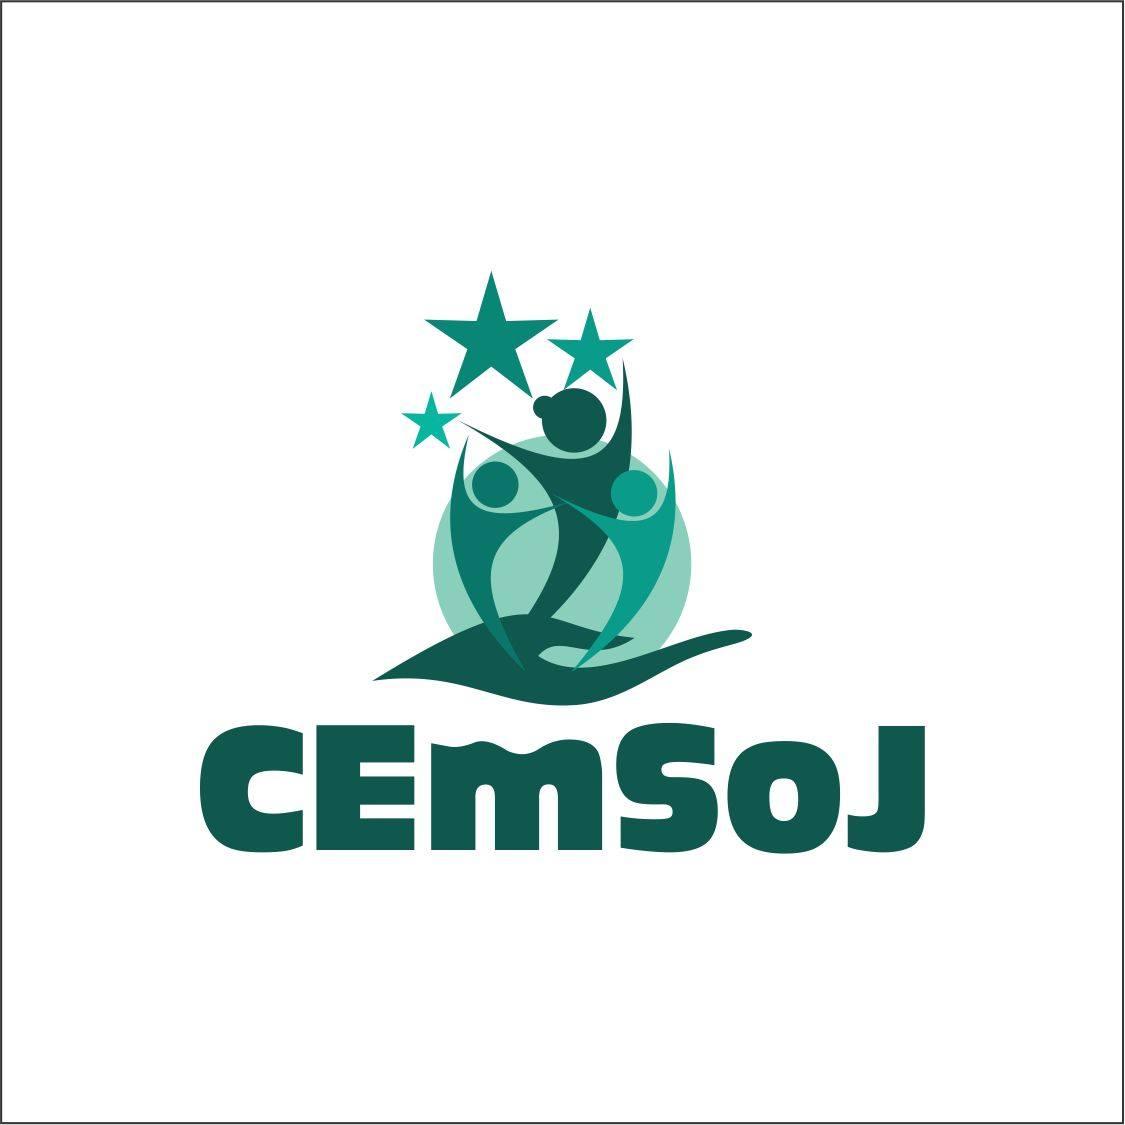 CEMSOJ_logo